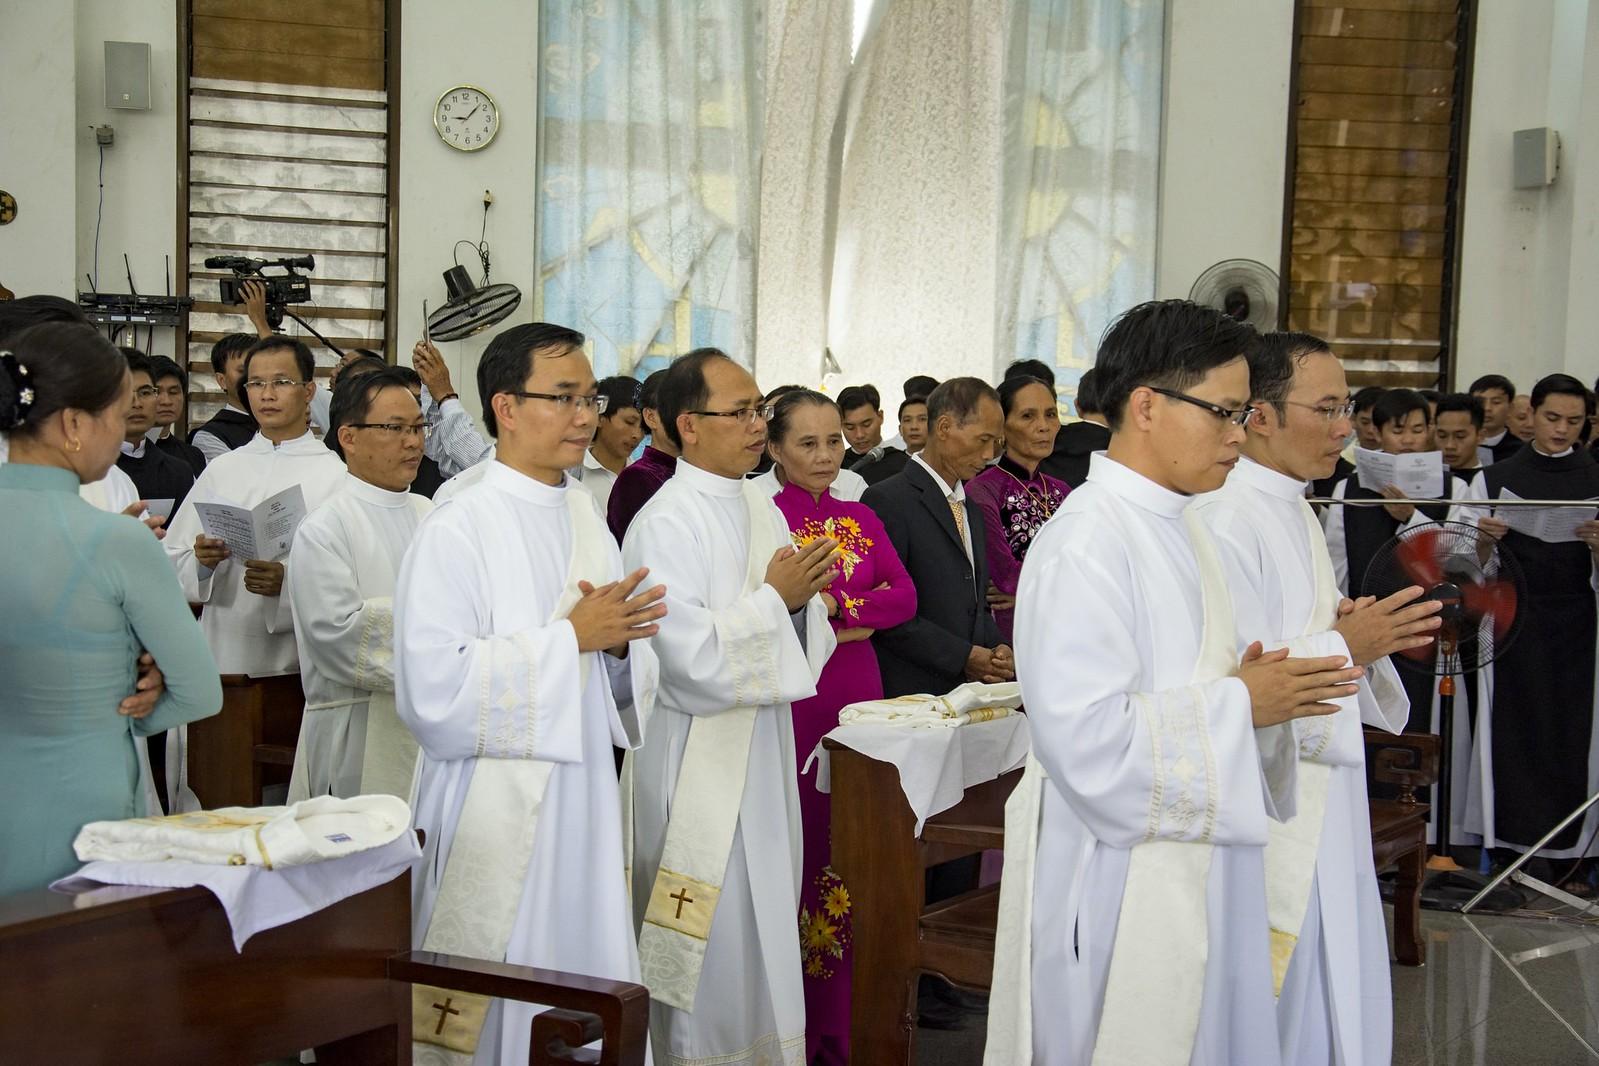 Đan Viện Thánh Mẫu Phước Sơn : Thánh Lễ Truyền Chức Linh Mục - Ảnh minh hoạ 3